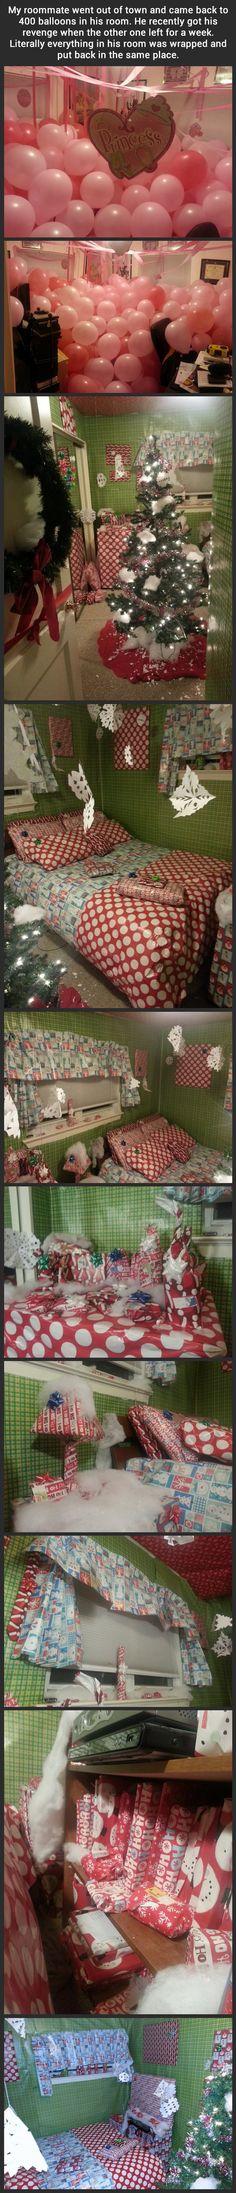 Roommate Revenge... Holly hell